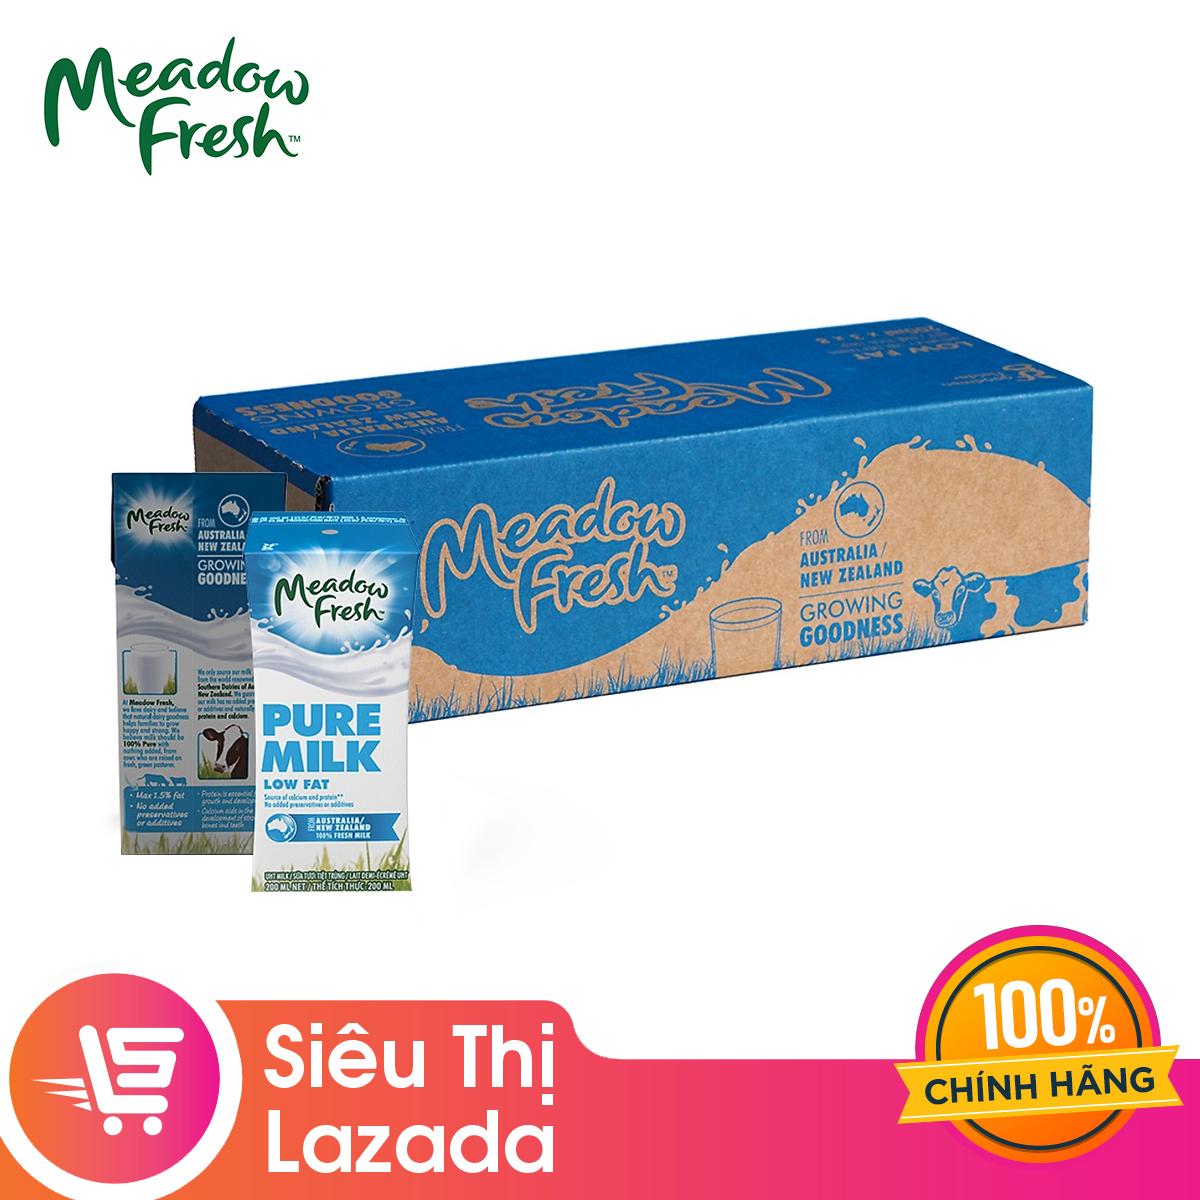 [Siêu thị Lazada] Thùng 24 Hộp Sữa Tươi Tiệt Trùng Ít béo Meadow Fresh 200ml không đường (24 hộp x 200ml), Hương Vị Thơm Ngon Bổ Dưỡng